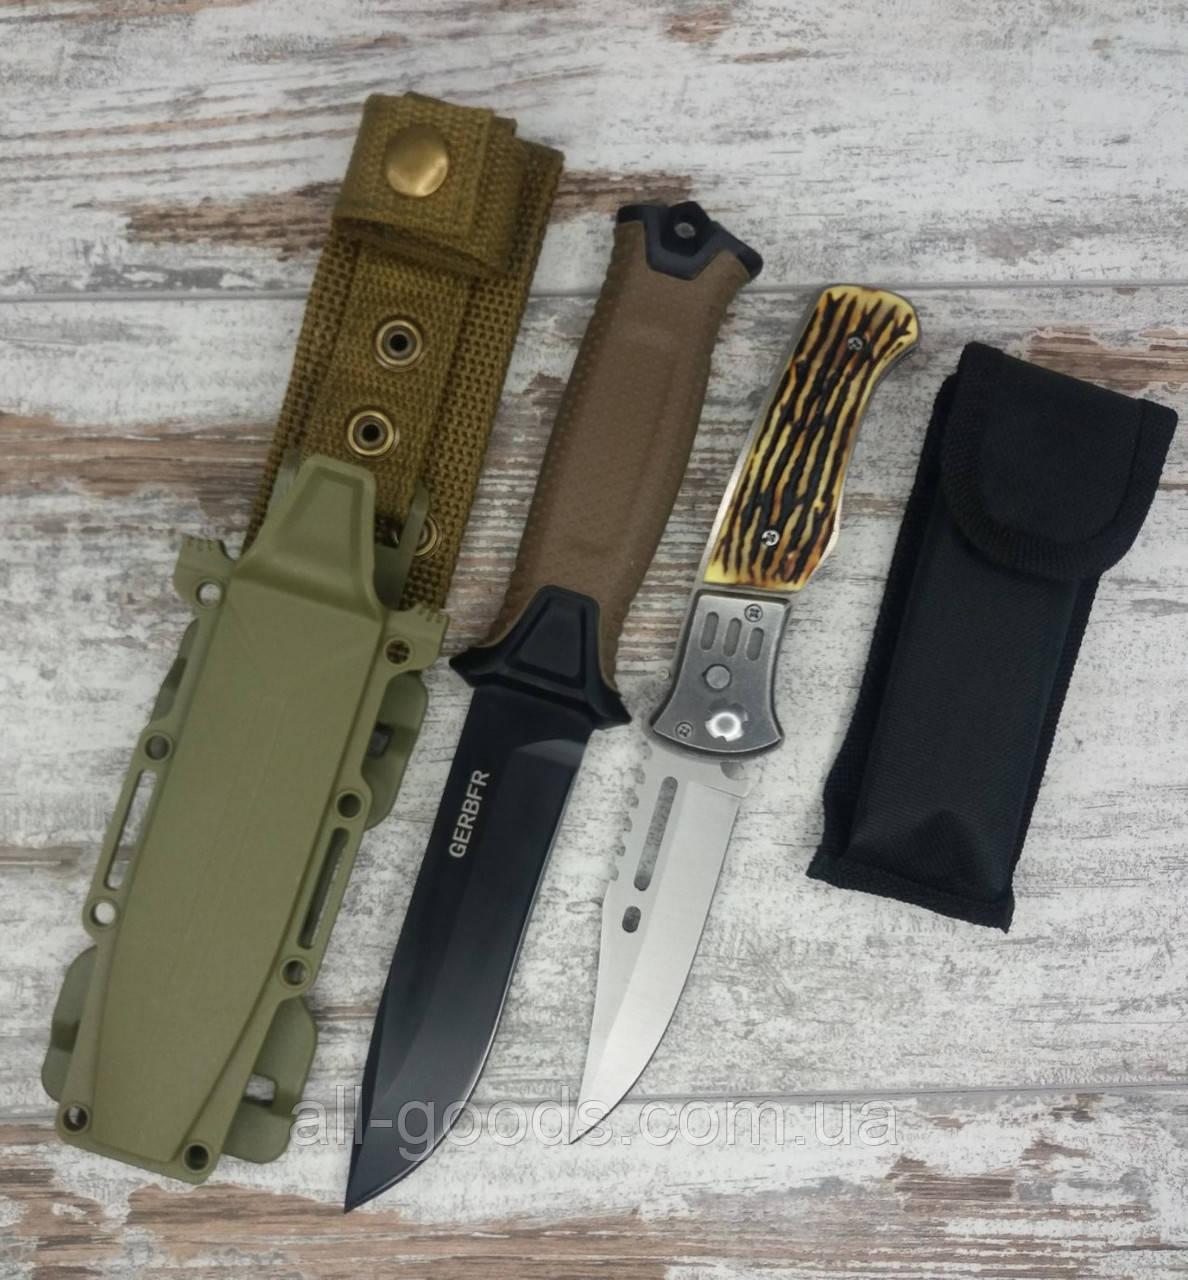 Тактический нож Gerber АК-207 в комплекте с универсальным выкидным ножом АК-29 / 21 см